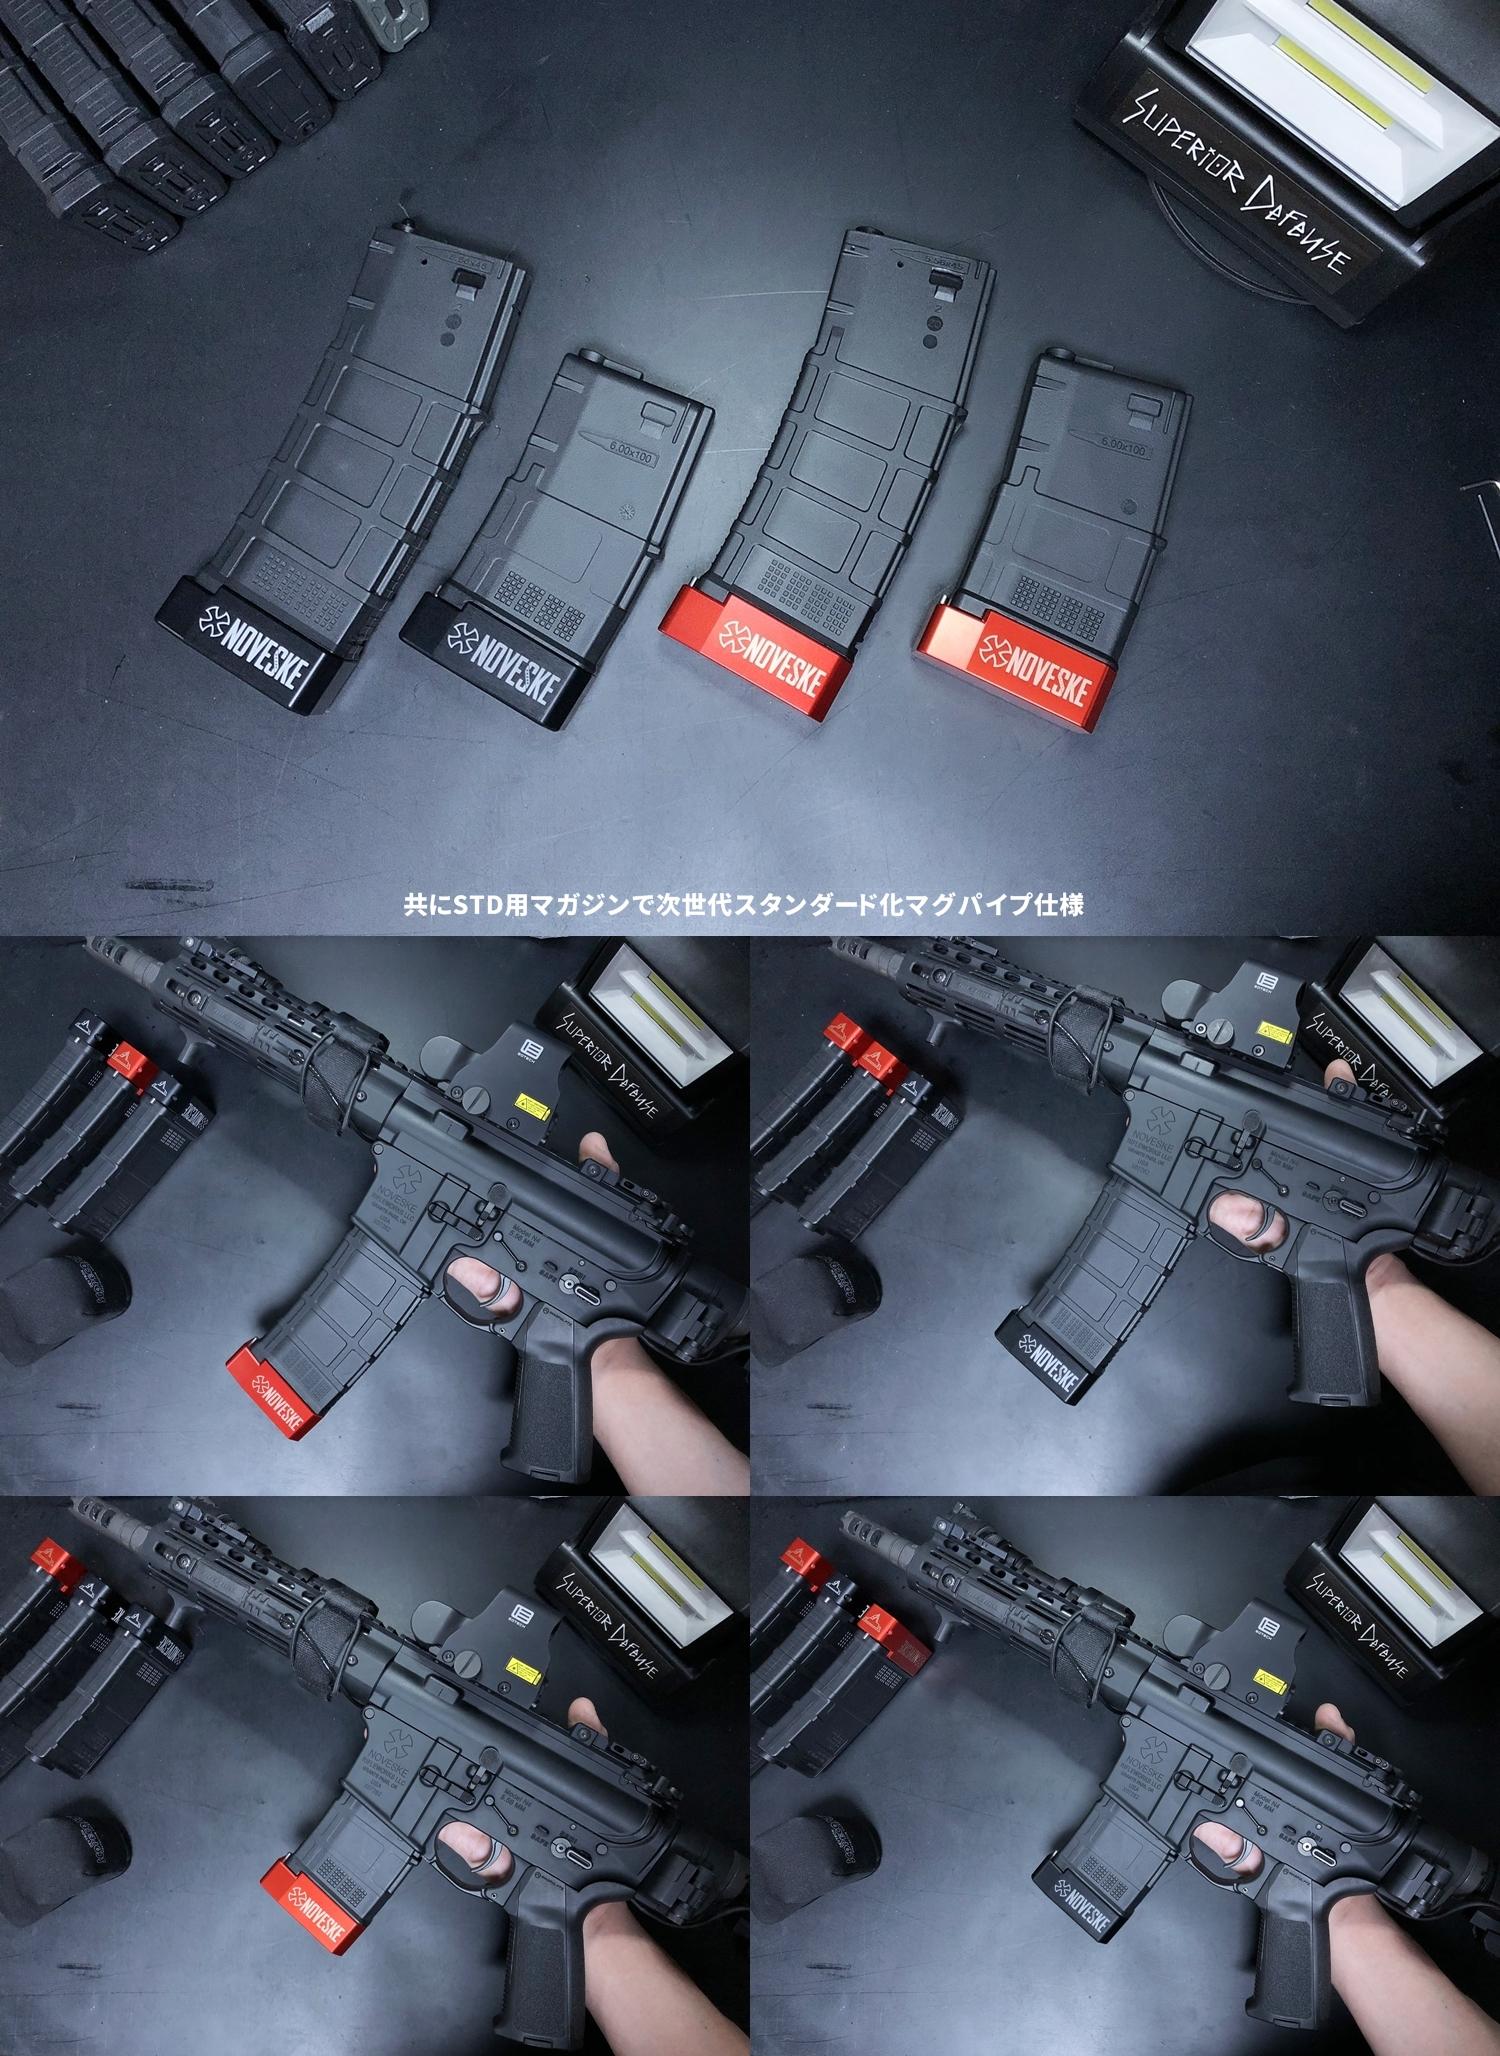 23 実物 NOVESKE TTI PMAG BASE PAD + STD M4 PMAG AMAG GEN3!! DIY HILOG ORIGINAL TTI INNER BASE PAD!! 部品作製 加工 取付 レビュー!!